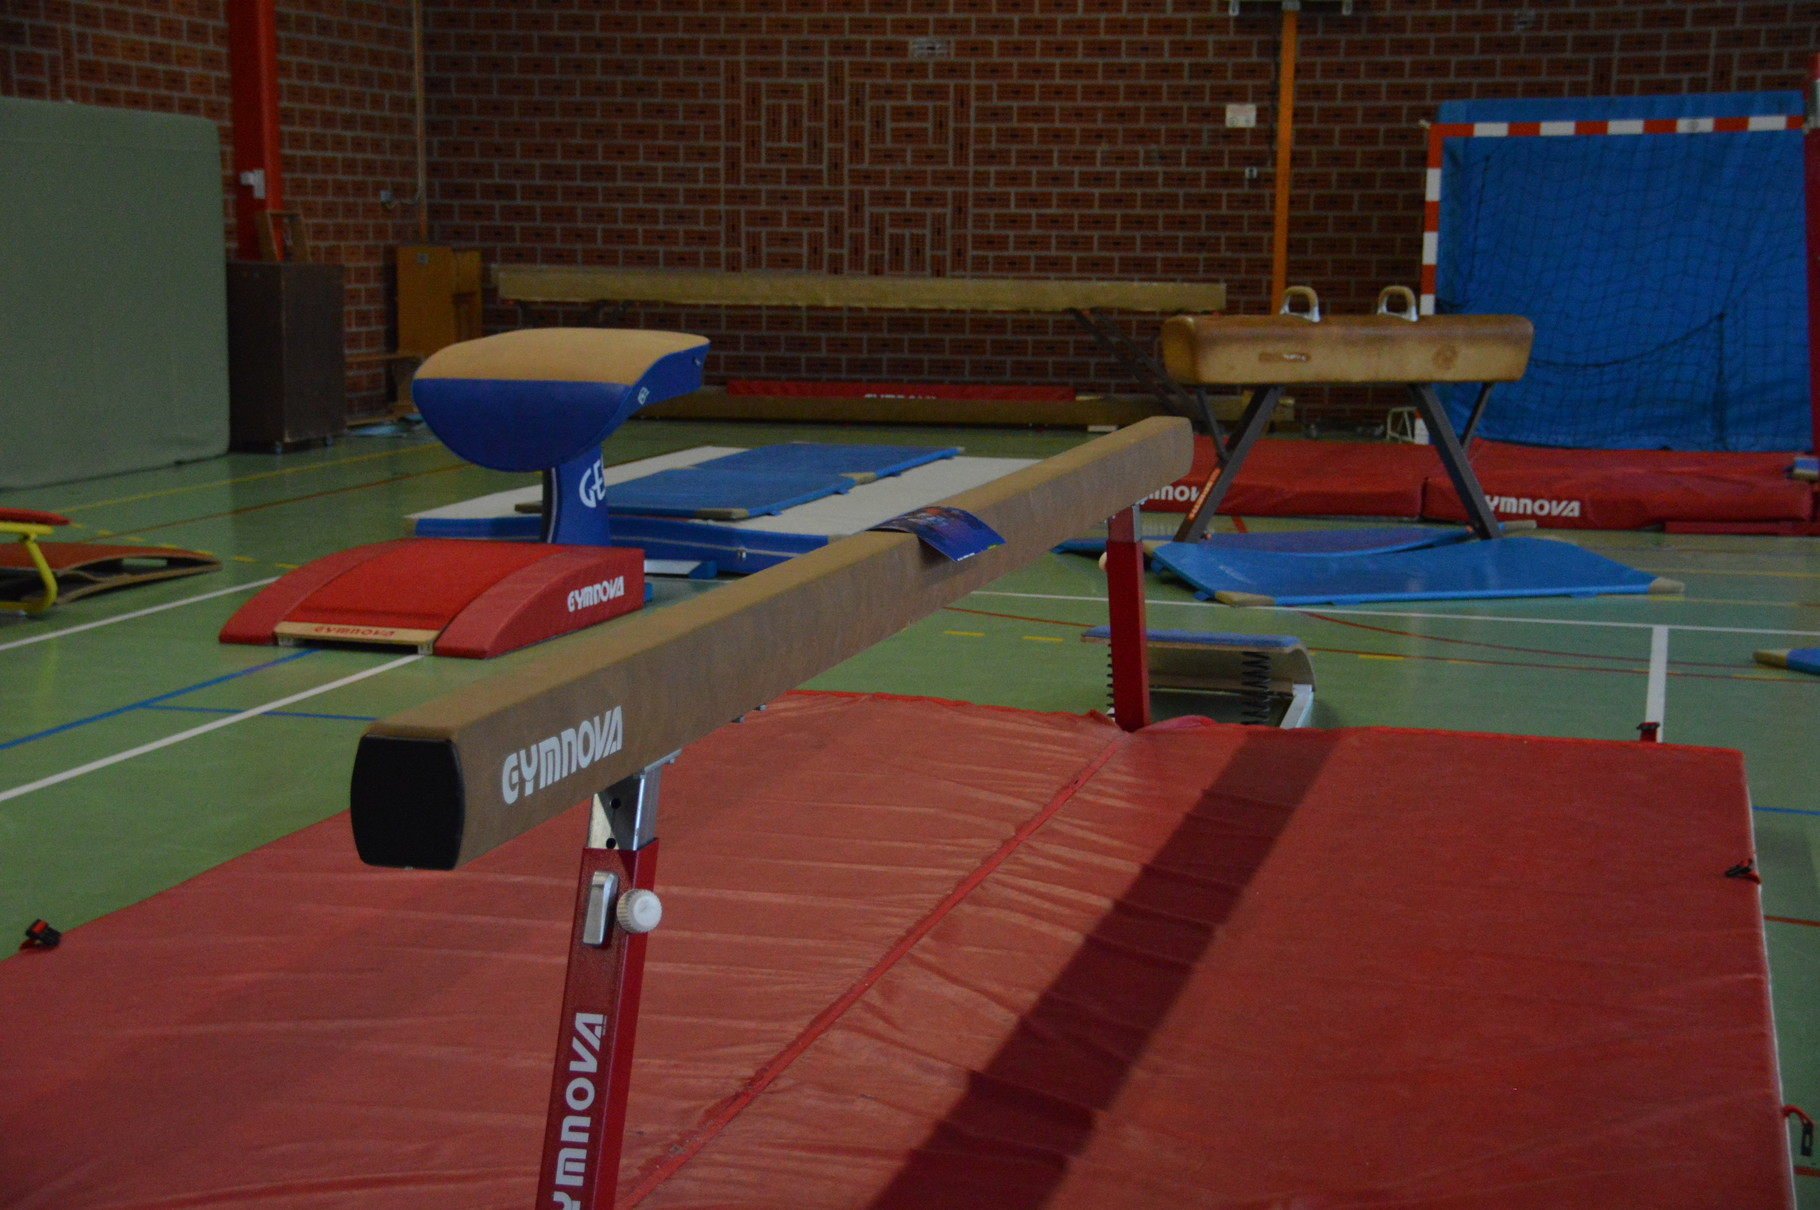 Gymnastique artistique etoile gymnique lambresienne - Table de saut gymnova ...